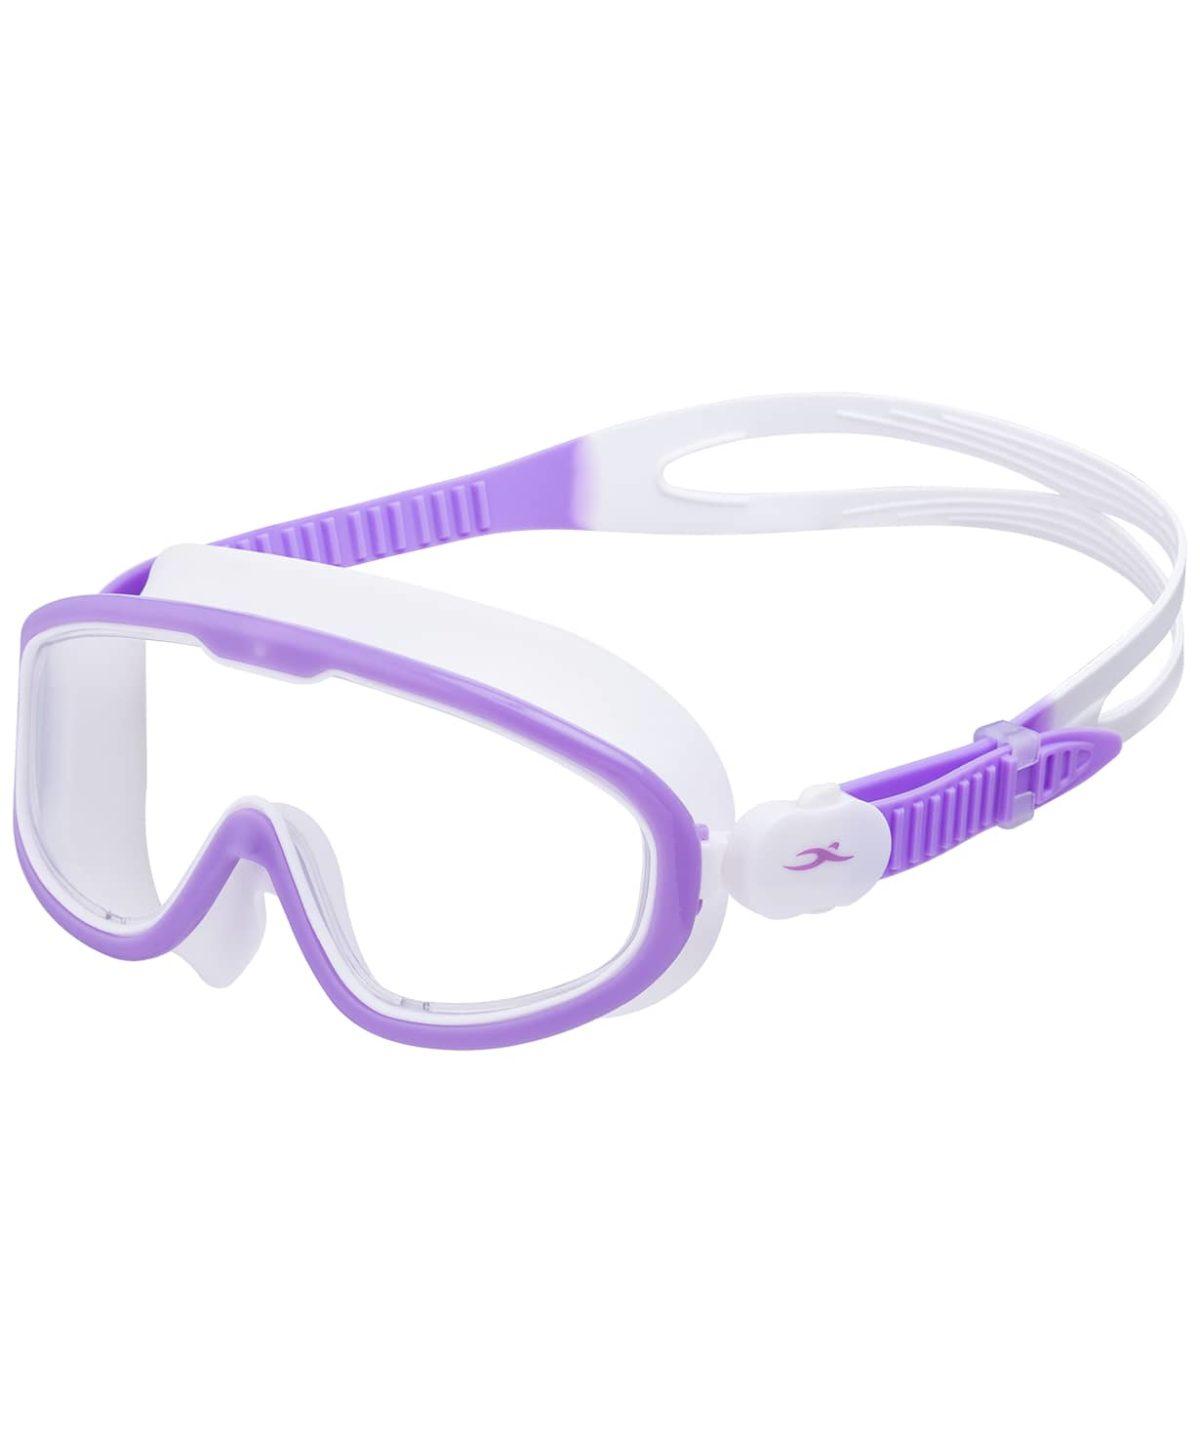 25DEGREES Очки-маска для плавания Hyper, детская  25D21018: лиловый/белый - 1